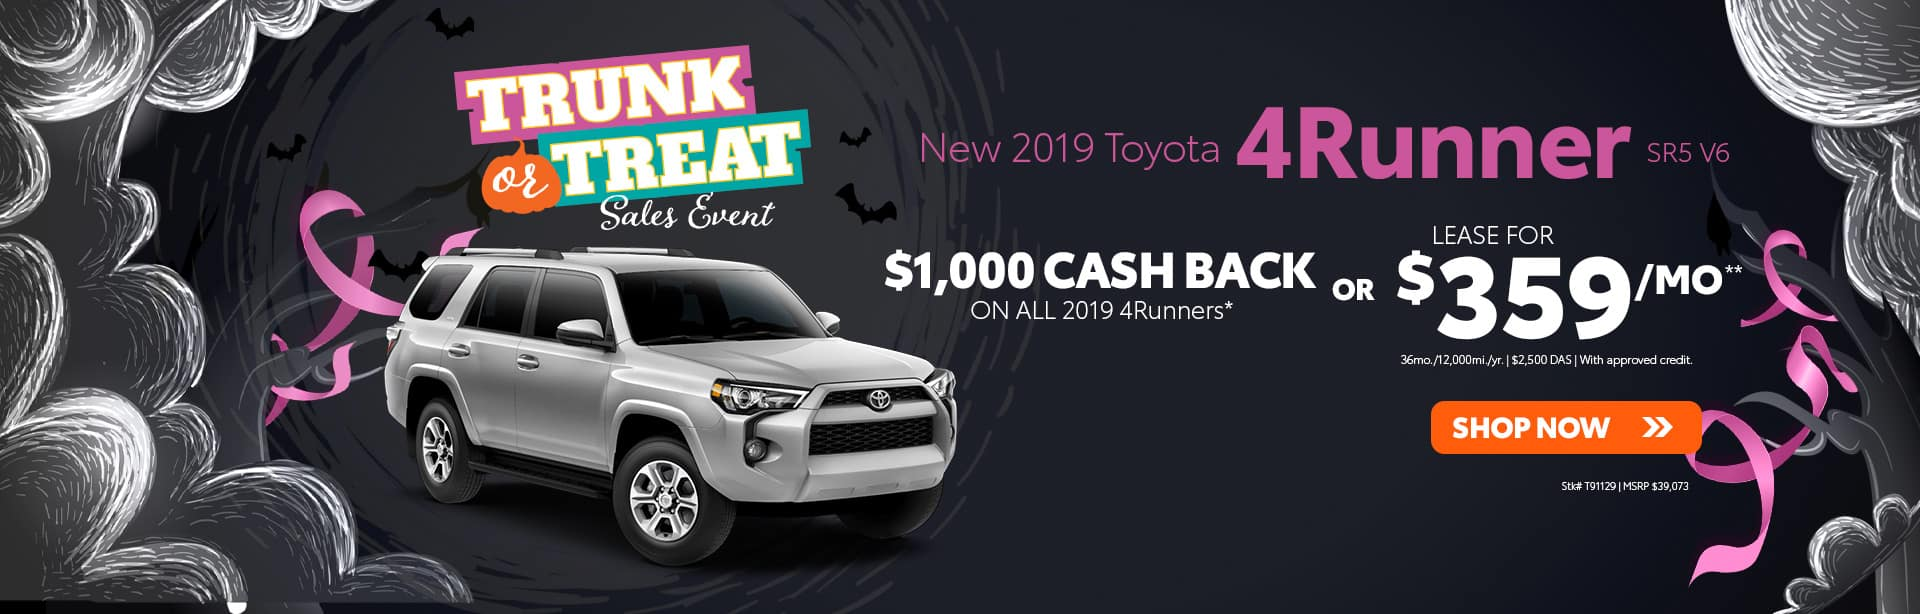 Fred Beans Toyota 4Runner